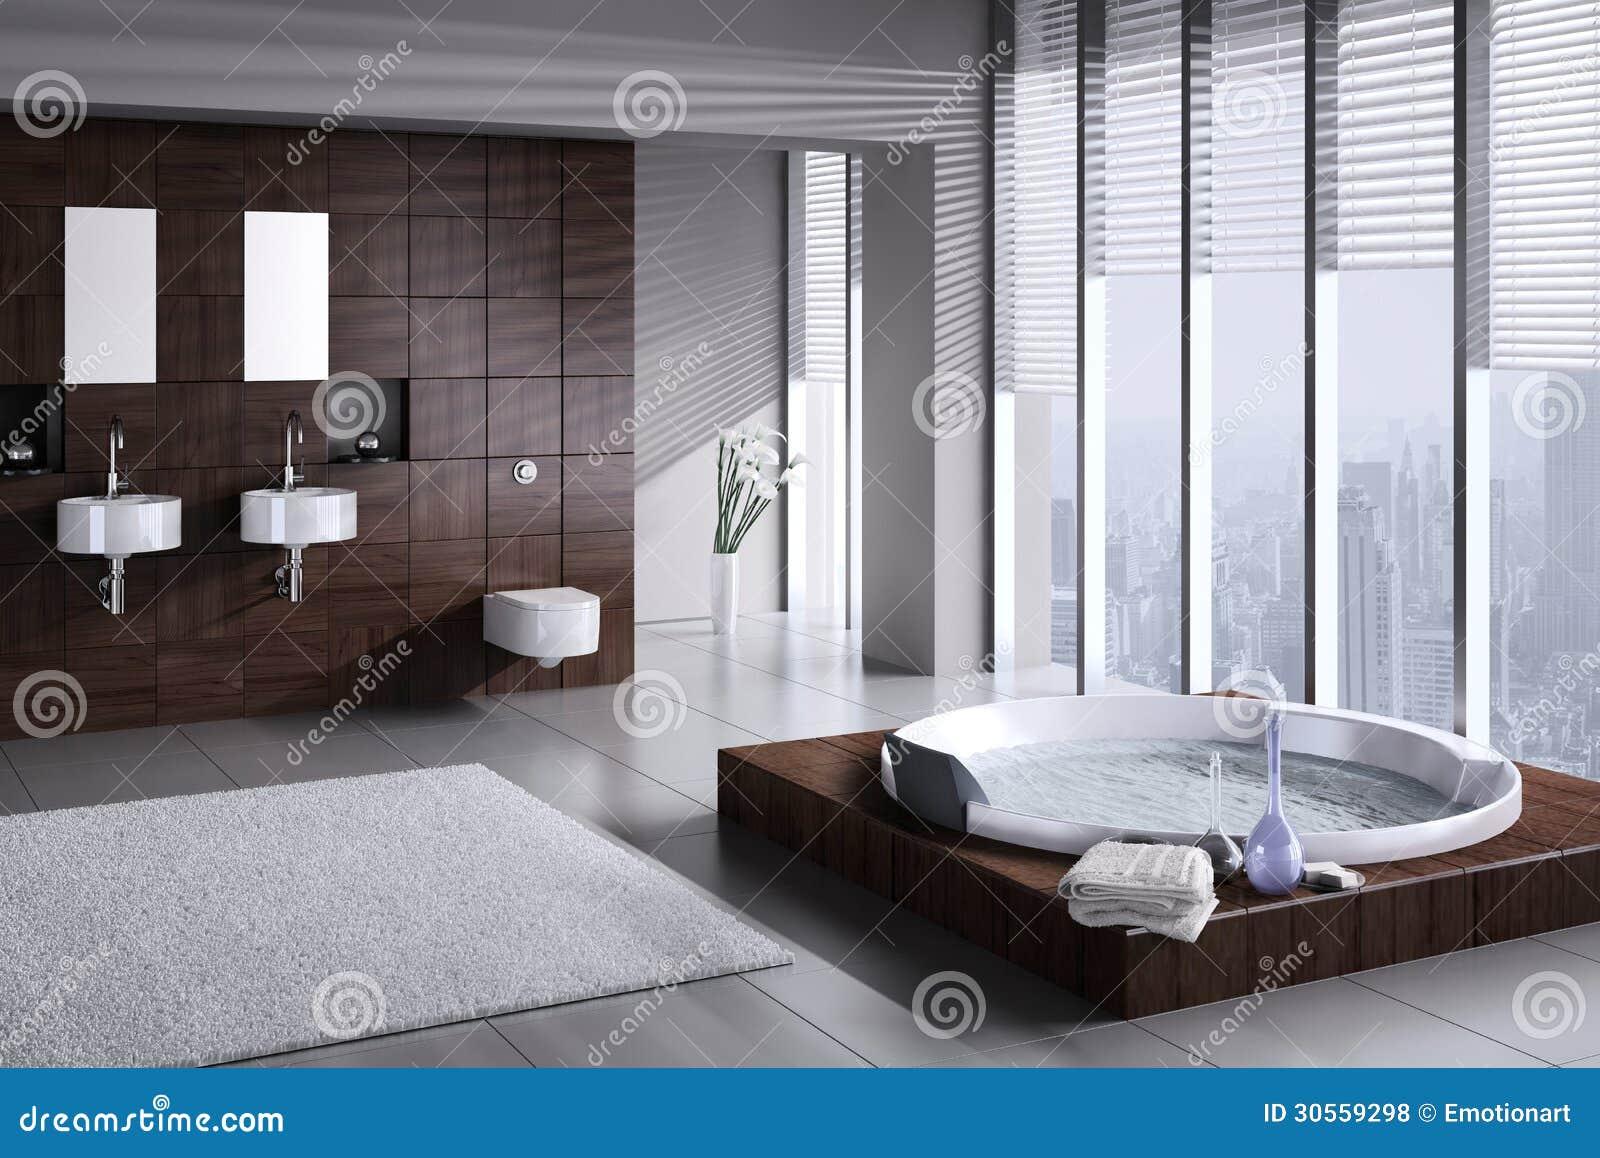 Cuarto de ba o moderno con el lavabo y el jacuzzi dobles fotos de archivo libres de regal as - Banos con jacuzzi ...